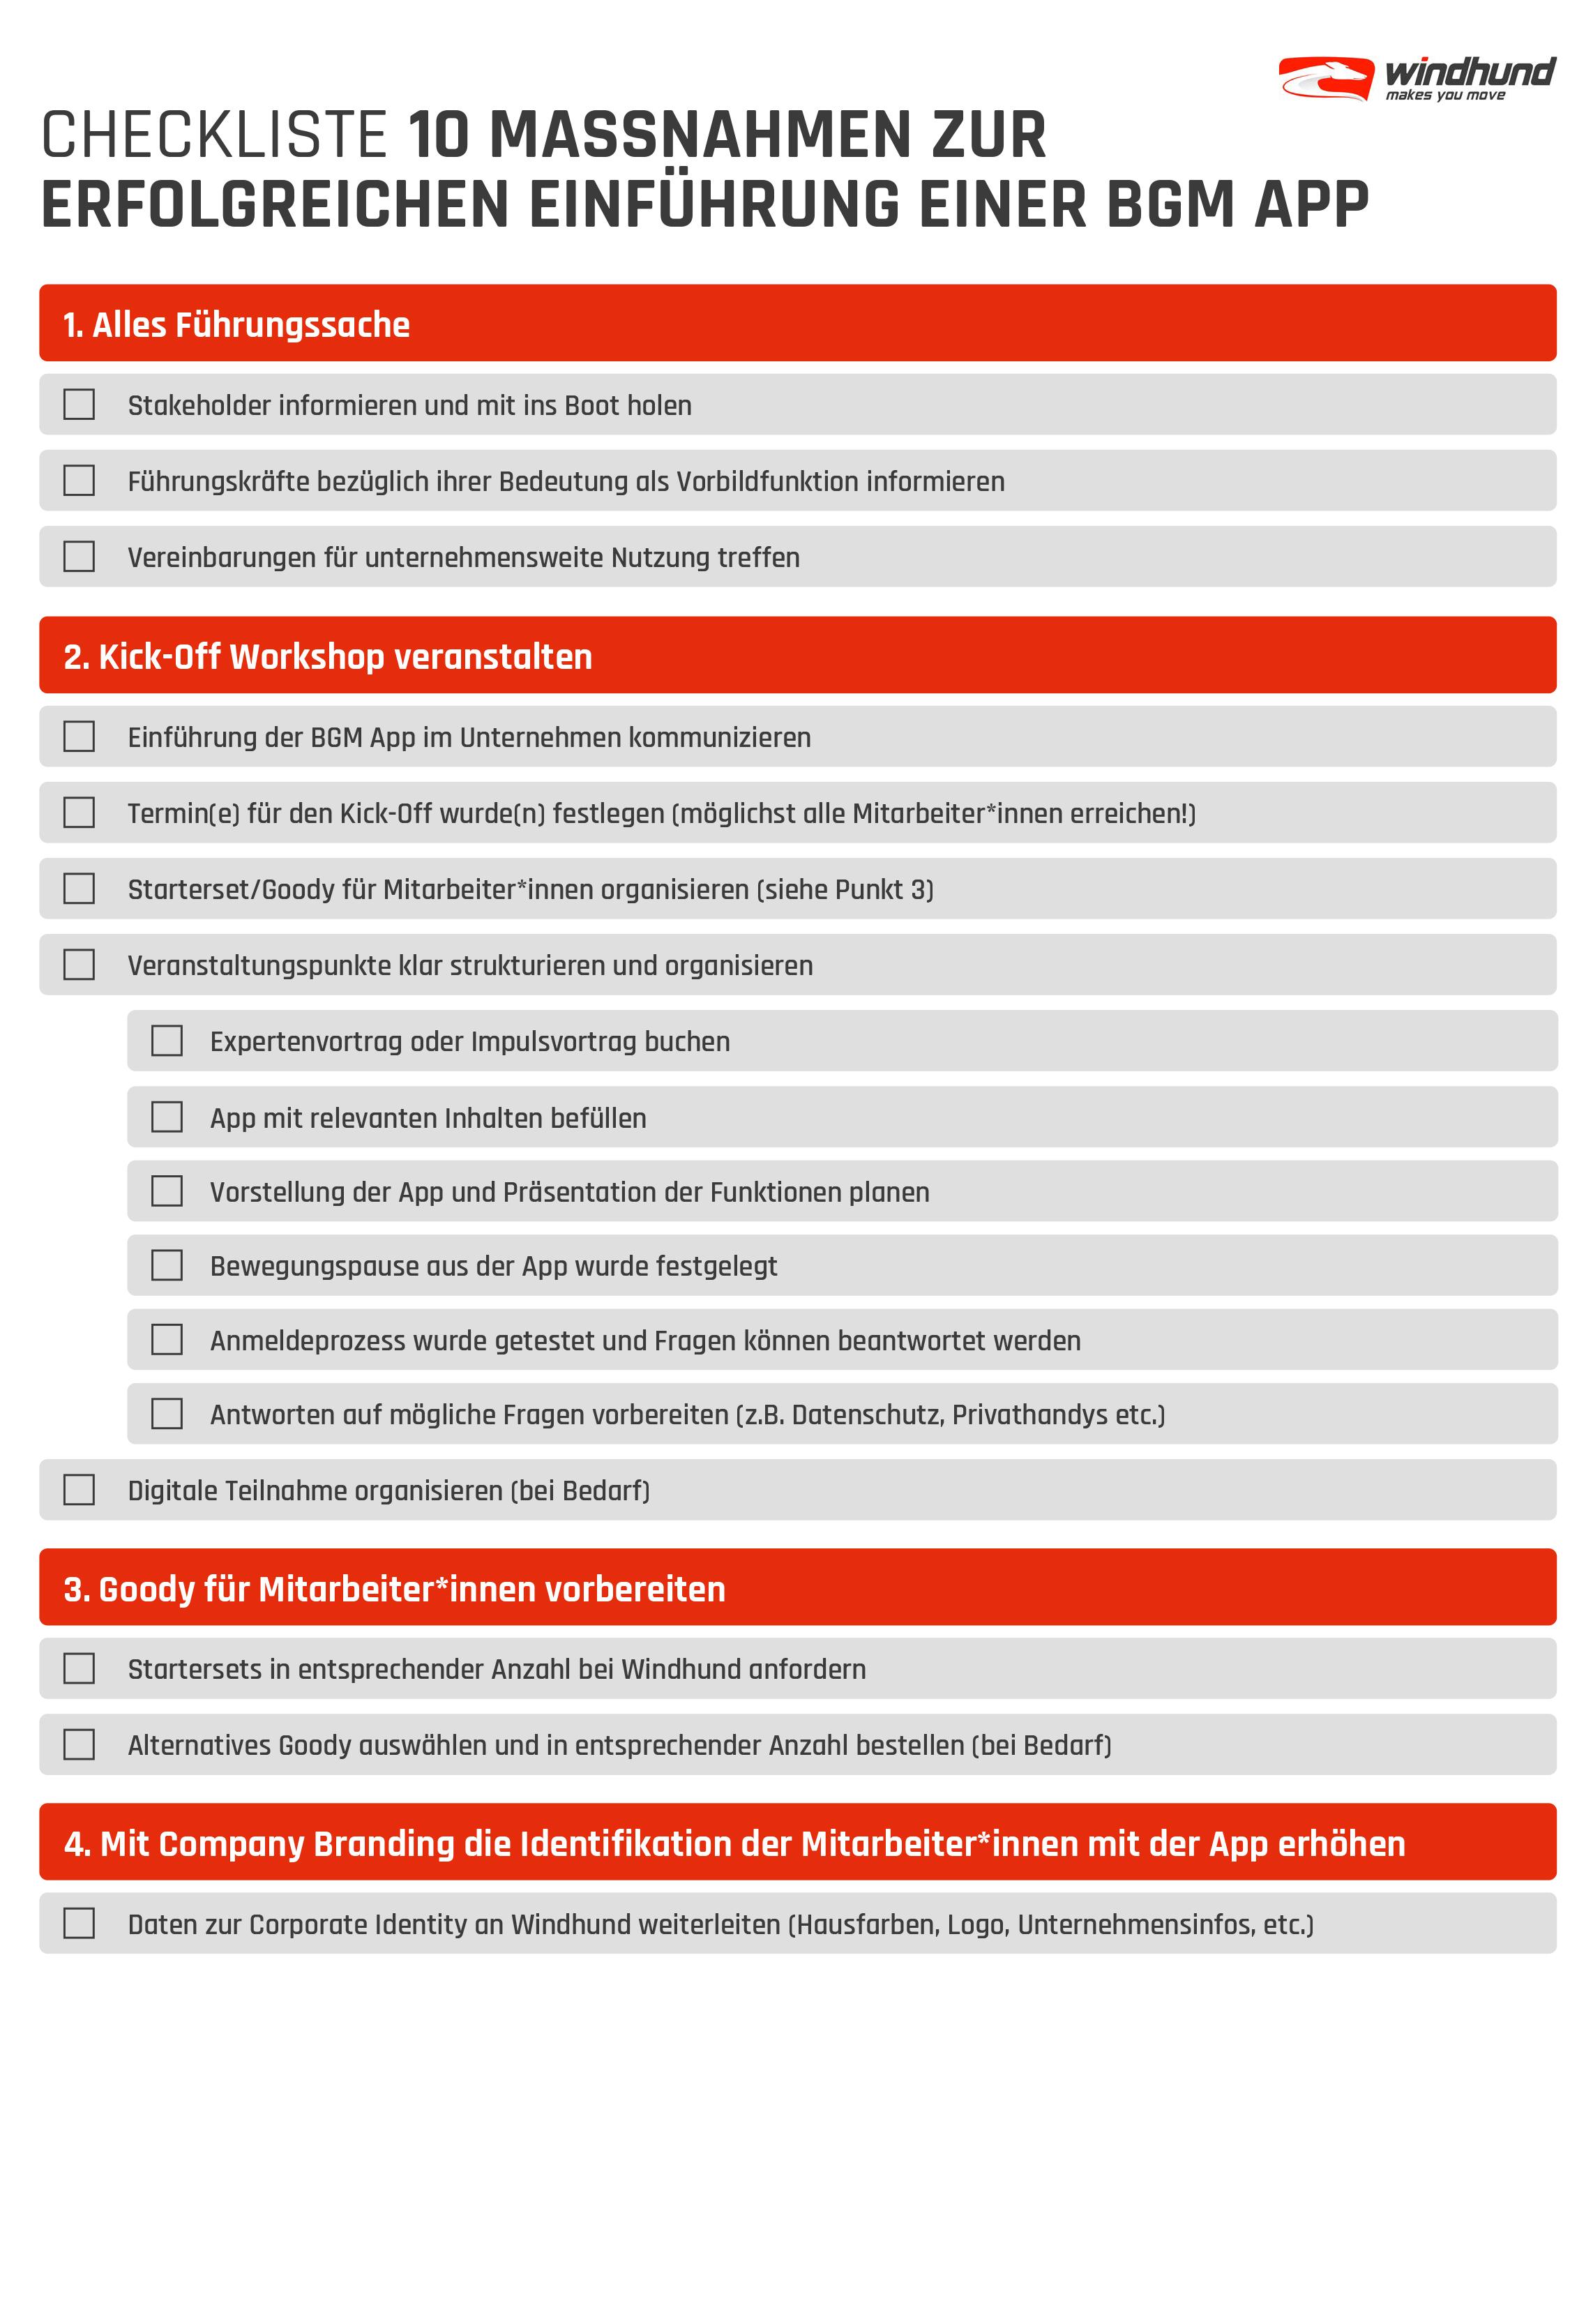 Windhund Checkliste für erfolgreiche Einführung digitaler BGM Tools